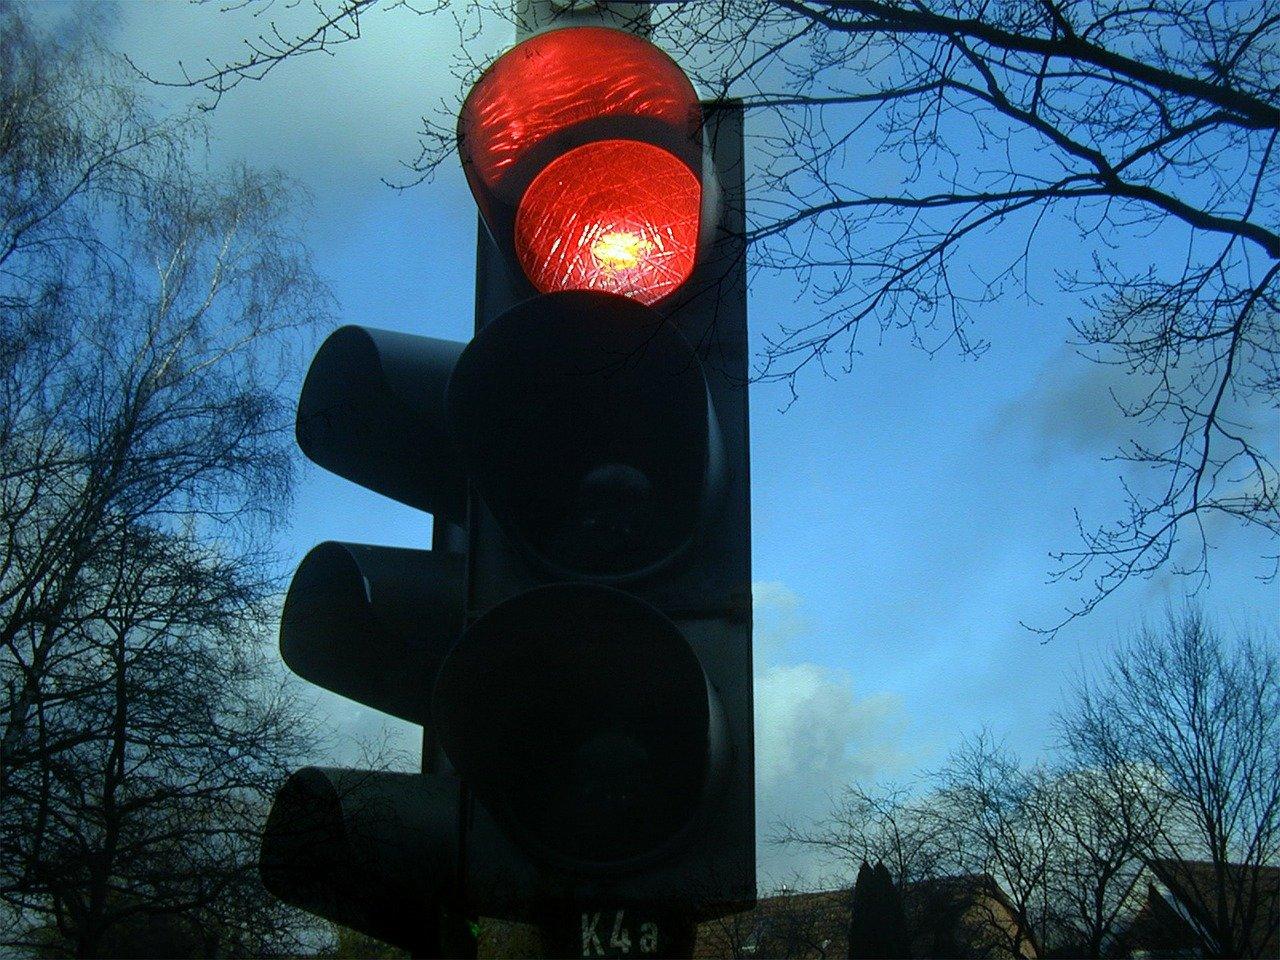 traffic light g5517167a5 1280 Z promilami wracał z imprezy. Usnął za kierownicą czekając na zielone światło